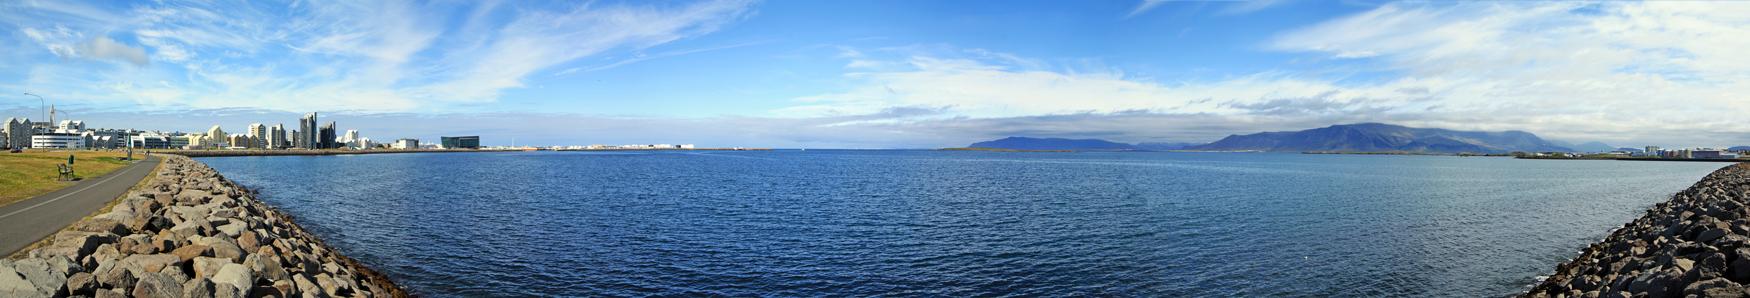 """La """"Baie des fumées"""" de Reykjavík (Islande)"""